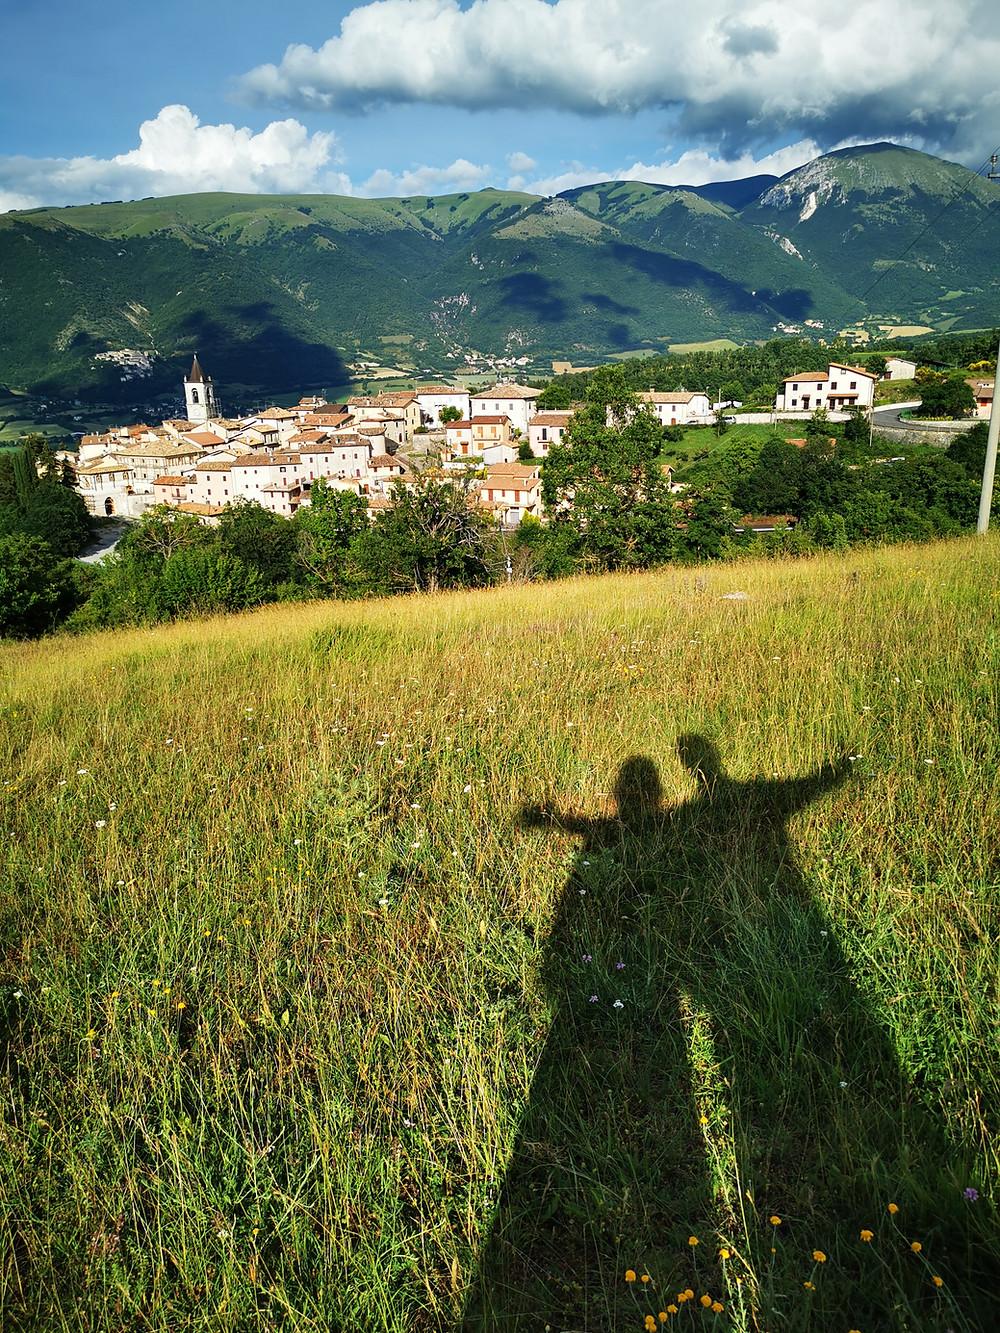 Le nostre ombre riflesse sull'erba e il paesino di Todiano